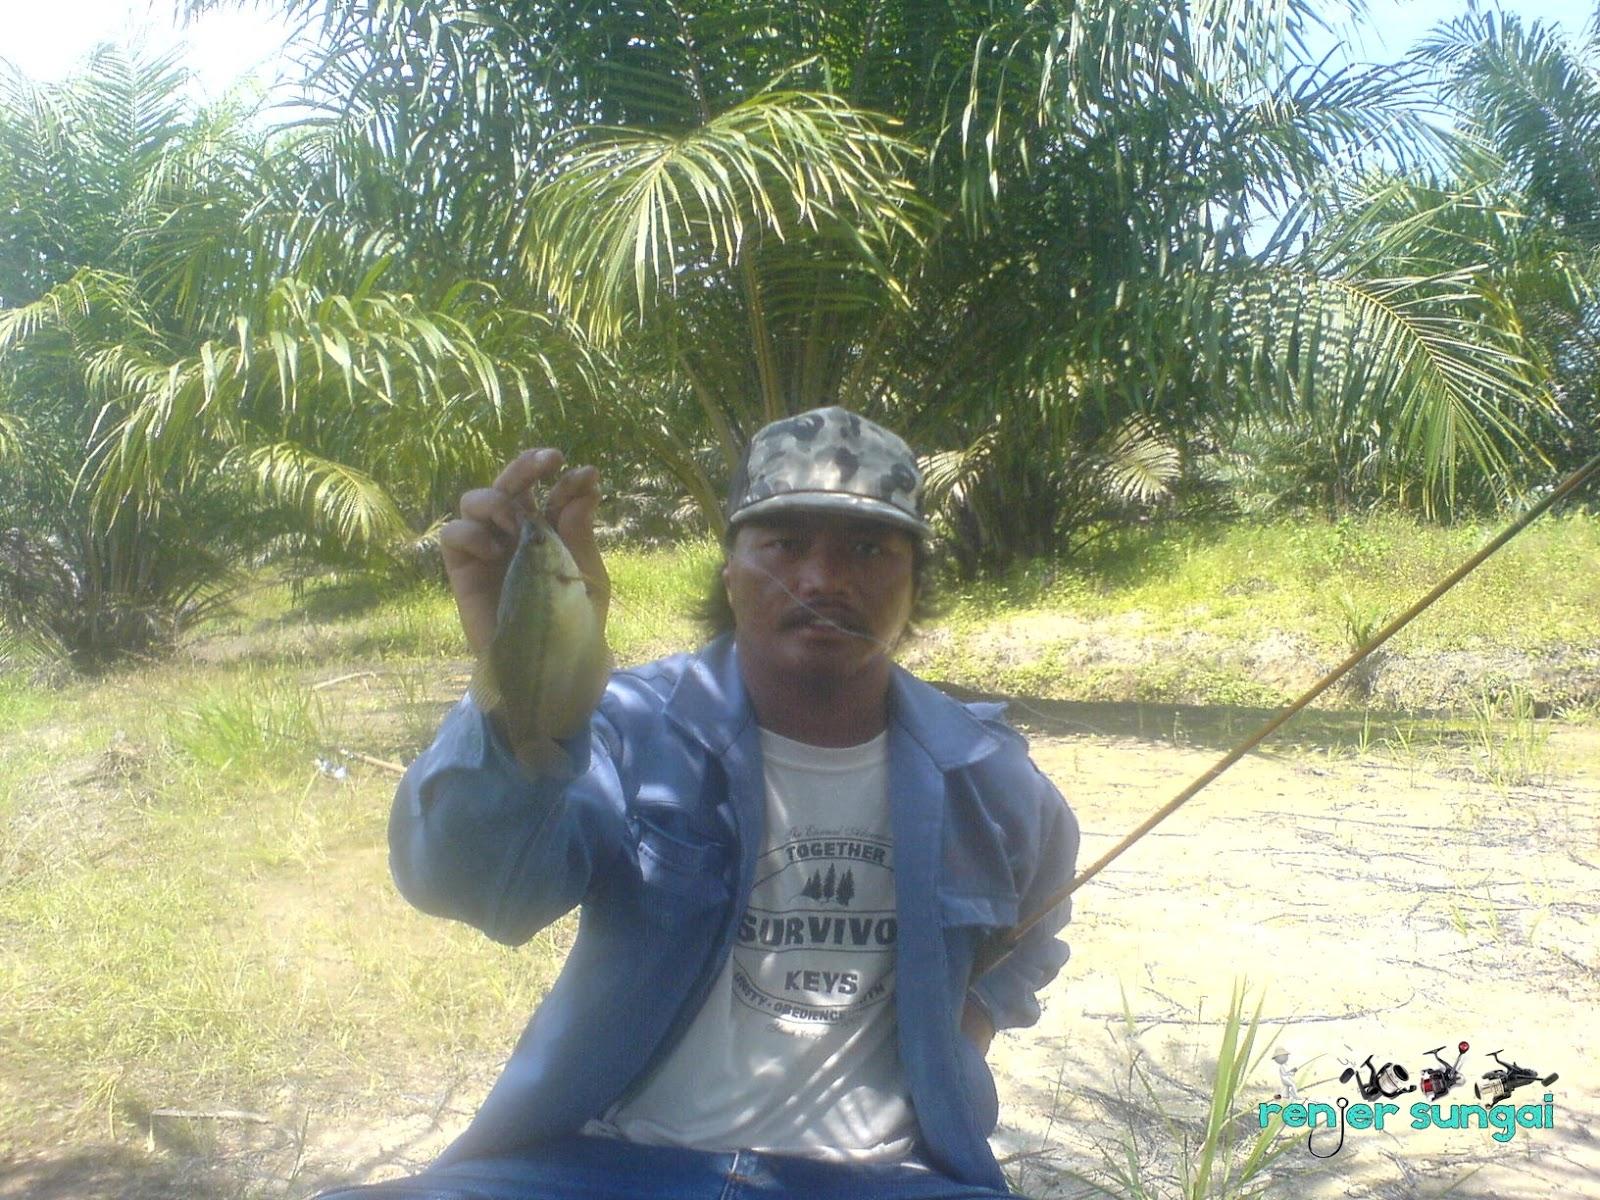 http://3.bp.blogspot.com/-FMTUKgNwunU/Tz0qrrRFdJI/AAAAAAAADpg/LMdhEGAt8oI/s1600/DSC02611.JPG